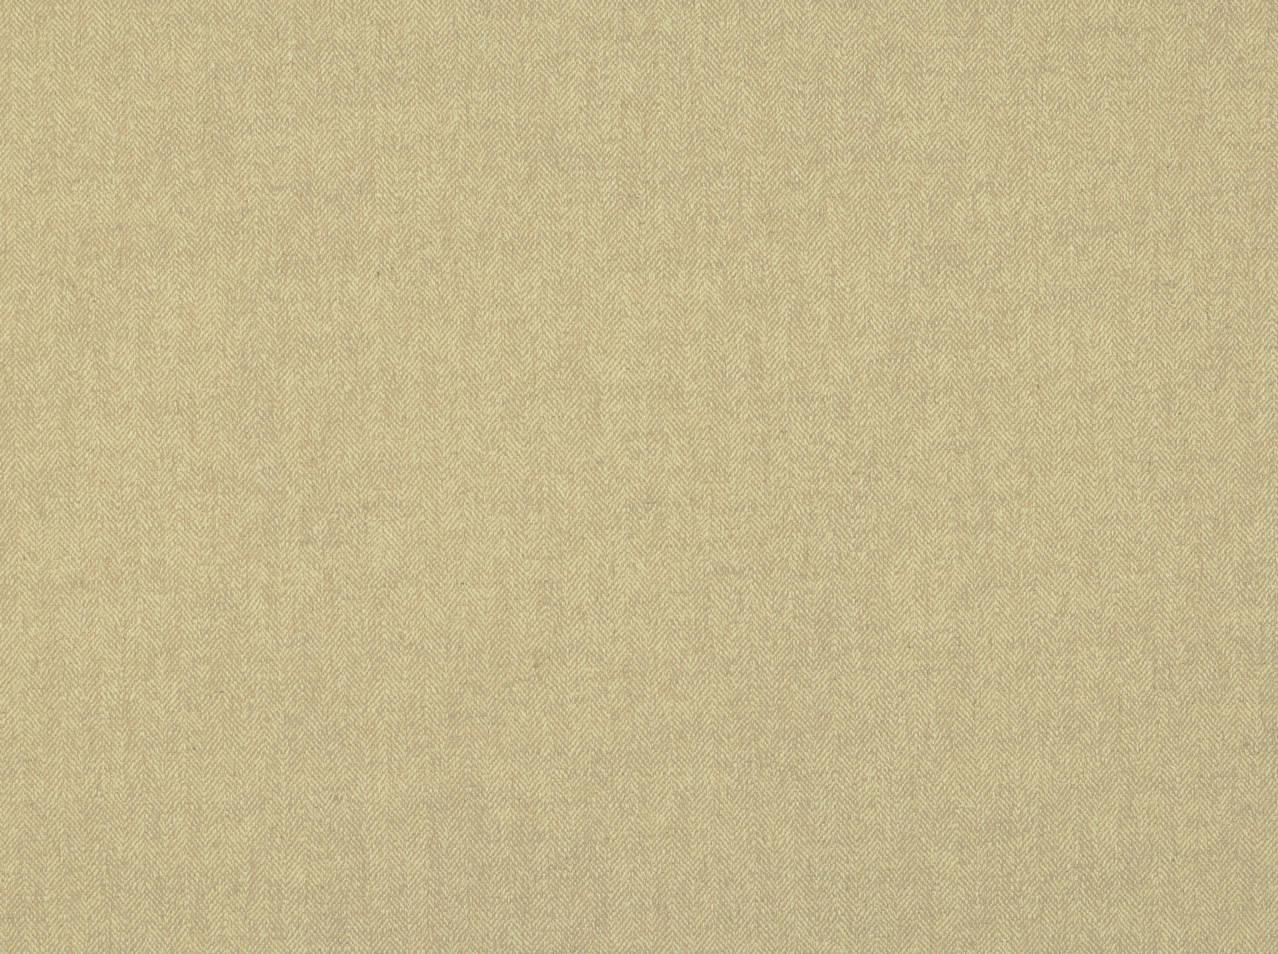 Hp guilford 196 Linen